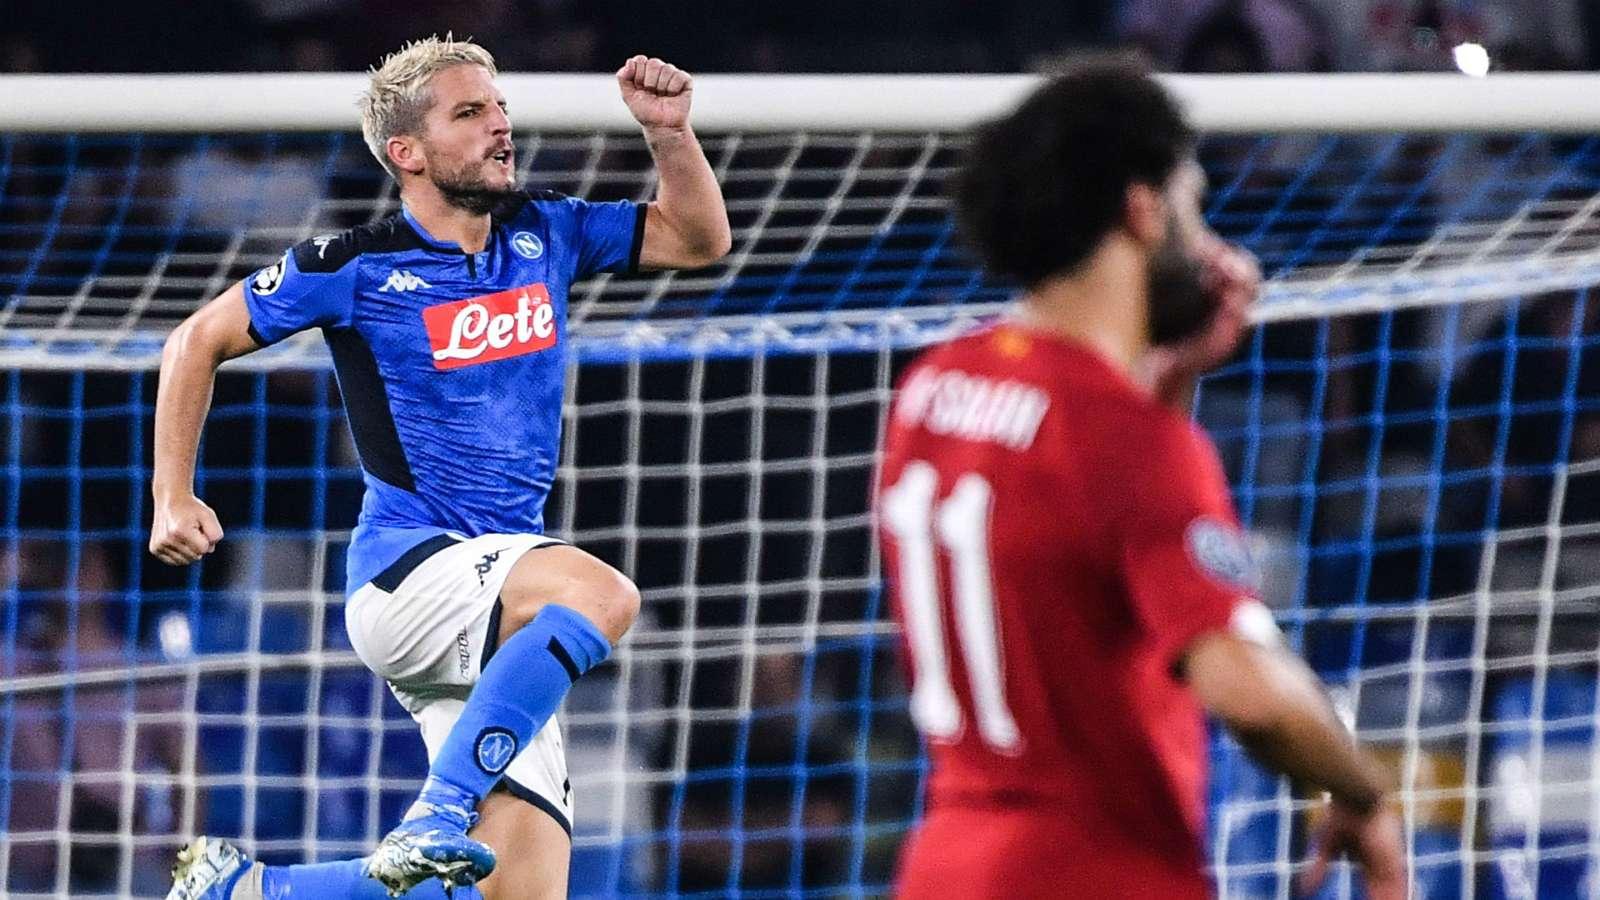 Napoli-Liverpool 2-0: Mertens e Llorente stendono i campioni al San Paolo - NAPOLI CALCIO